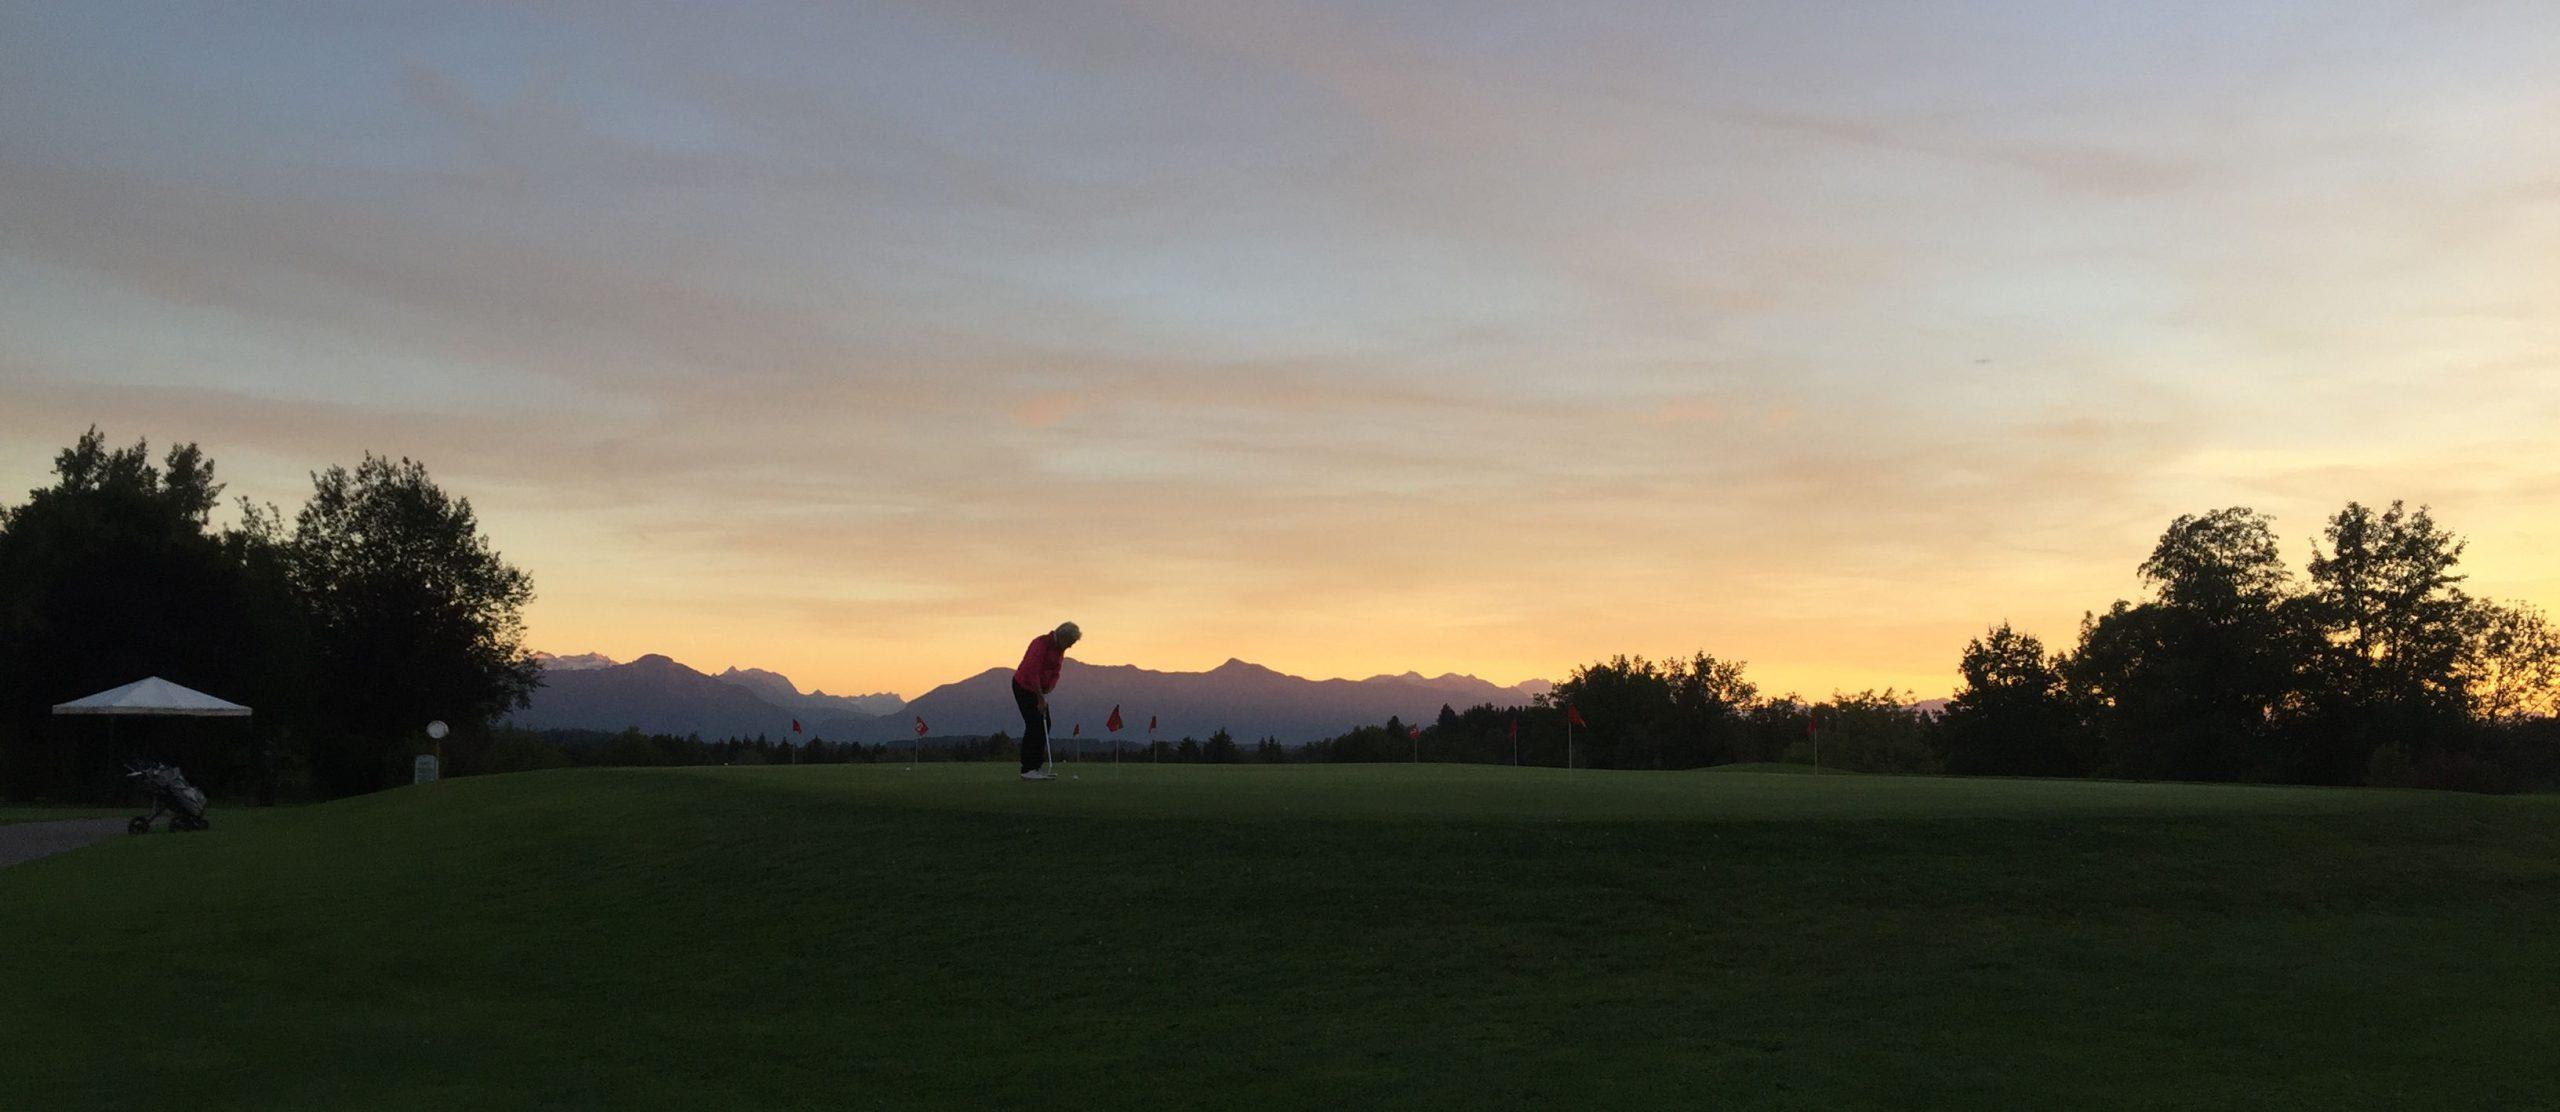 Golf und Berge - Zeit für die Seele